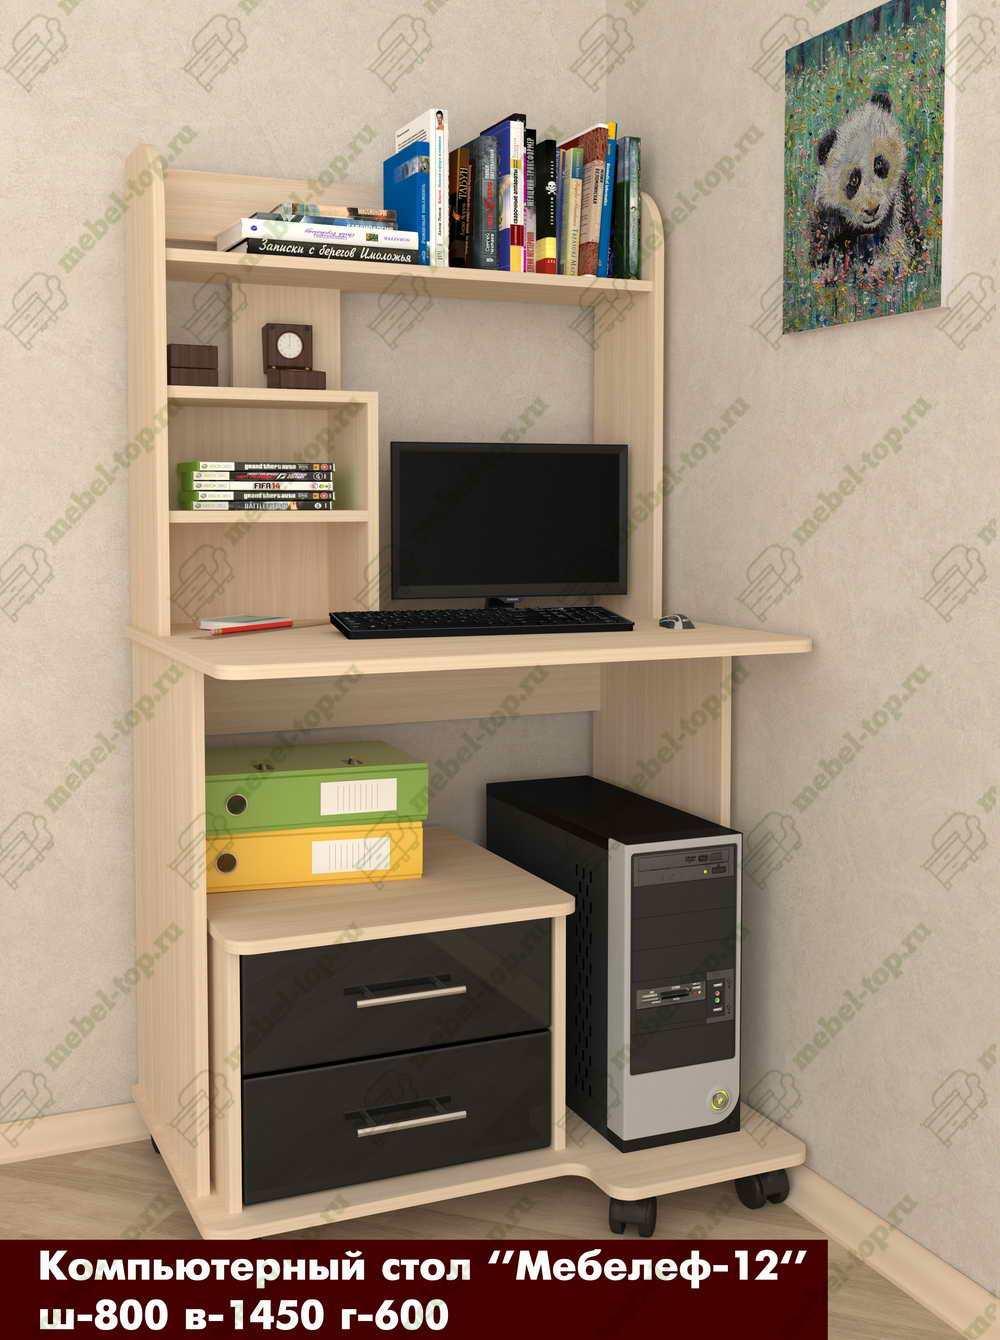 Компьютерный стол Мебелеф-12 caprice вьетнамки